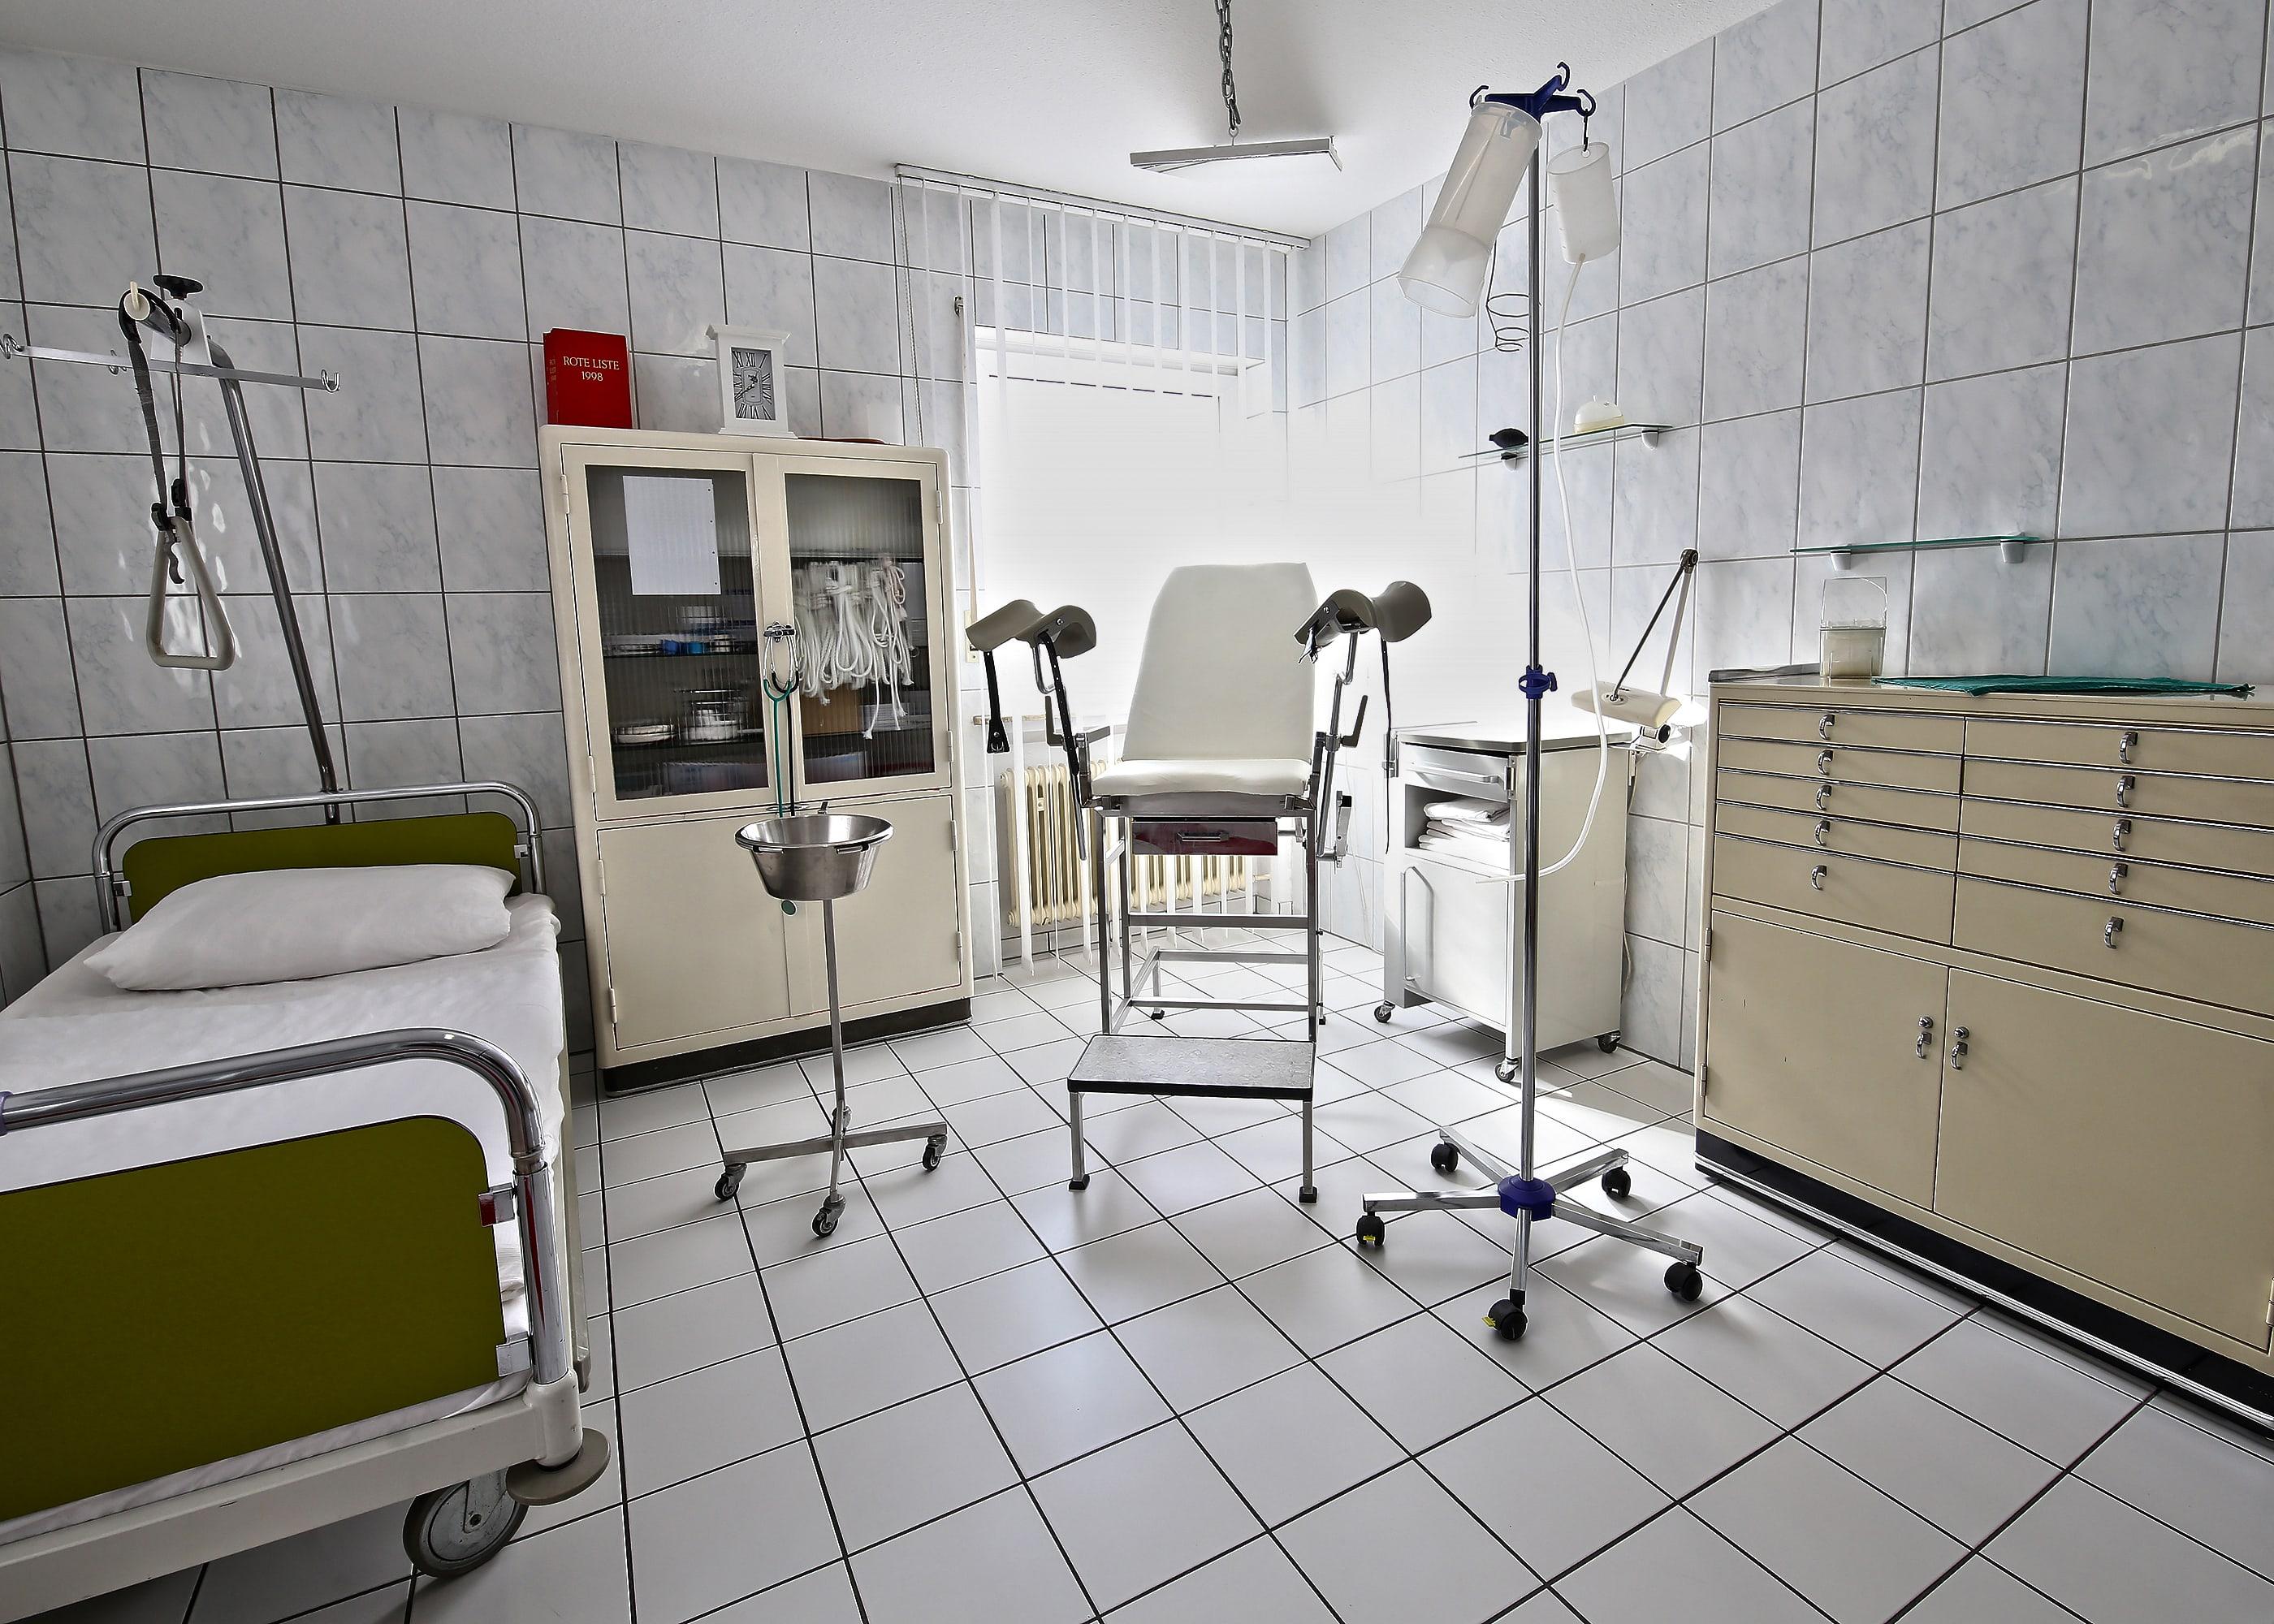 Untersuchungszimmer(DieKlinik)